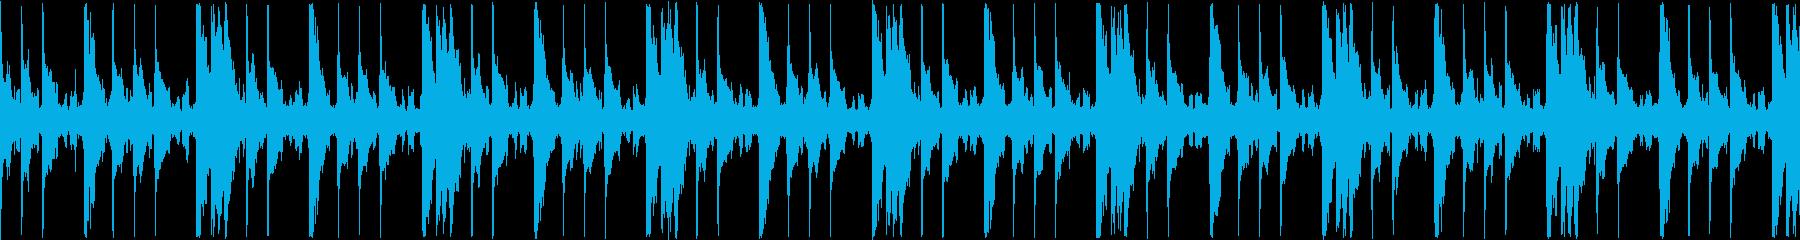 退廃的な雰囲気のドラムと電子音のループの再生済みの波形